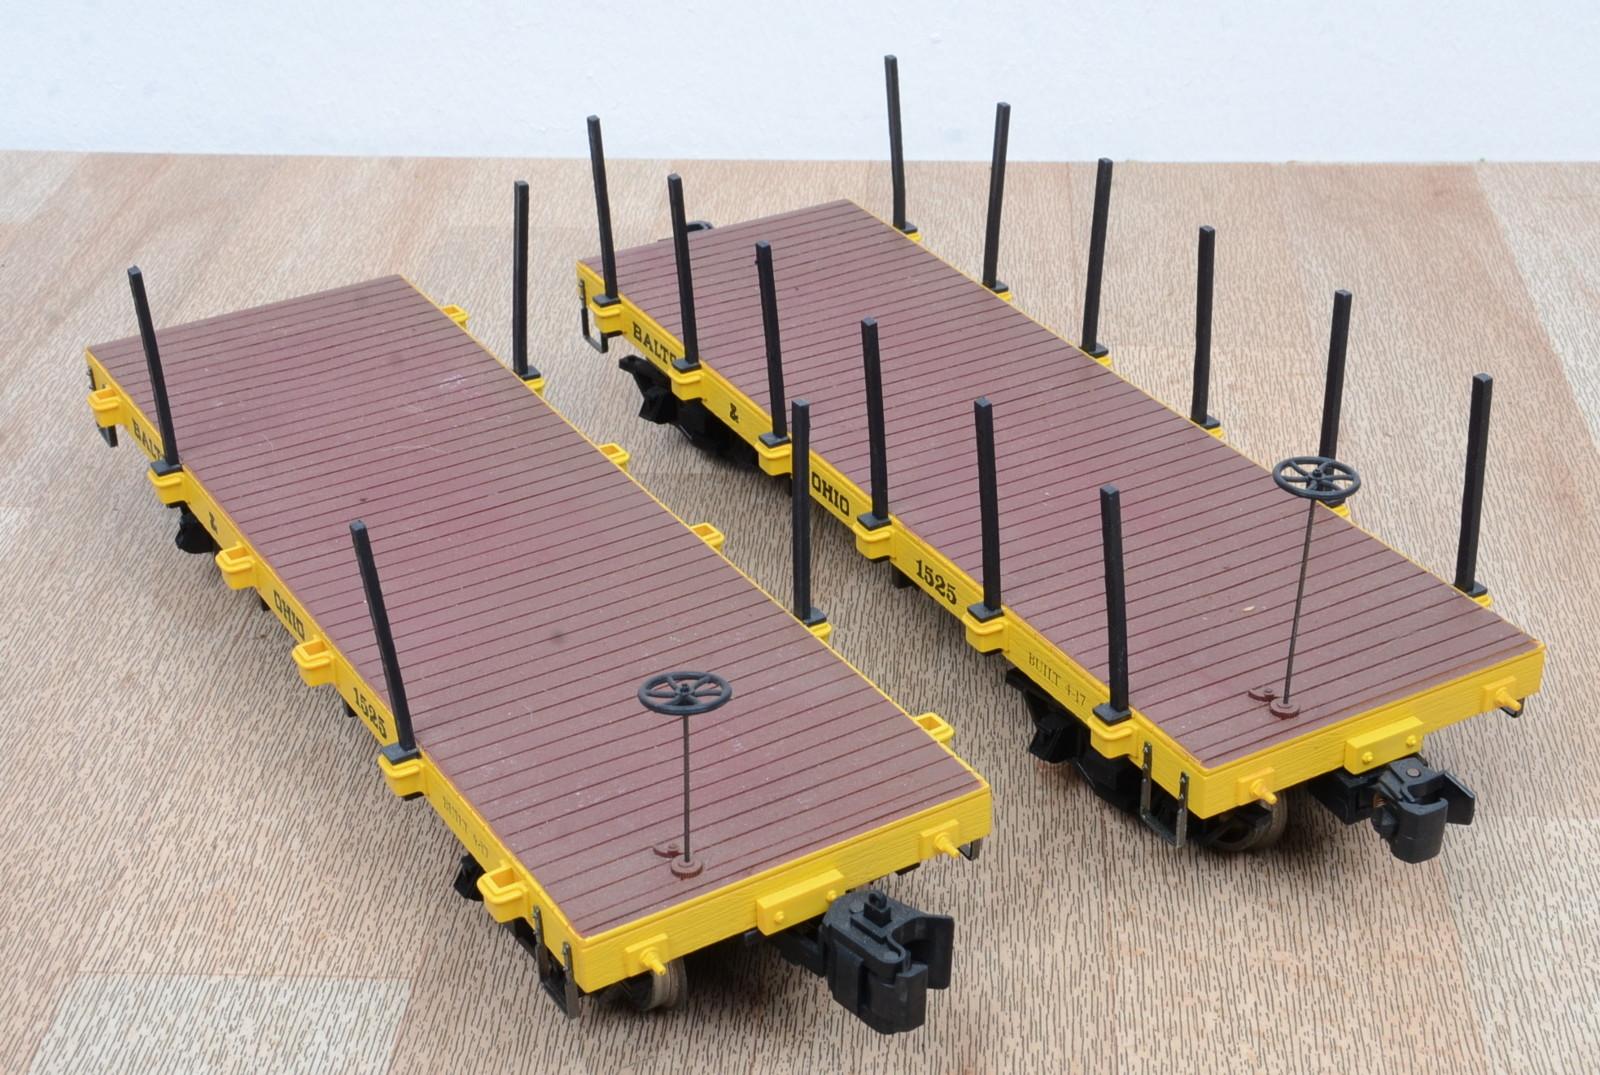 2 stk bachmann rungenwagen ohio 1525 metallr der klauenkupplungen spur g ebay. Black Bedroom Furniture Sets. Home Design Ideas